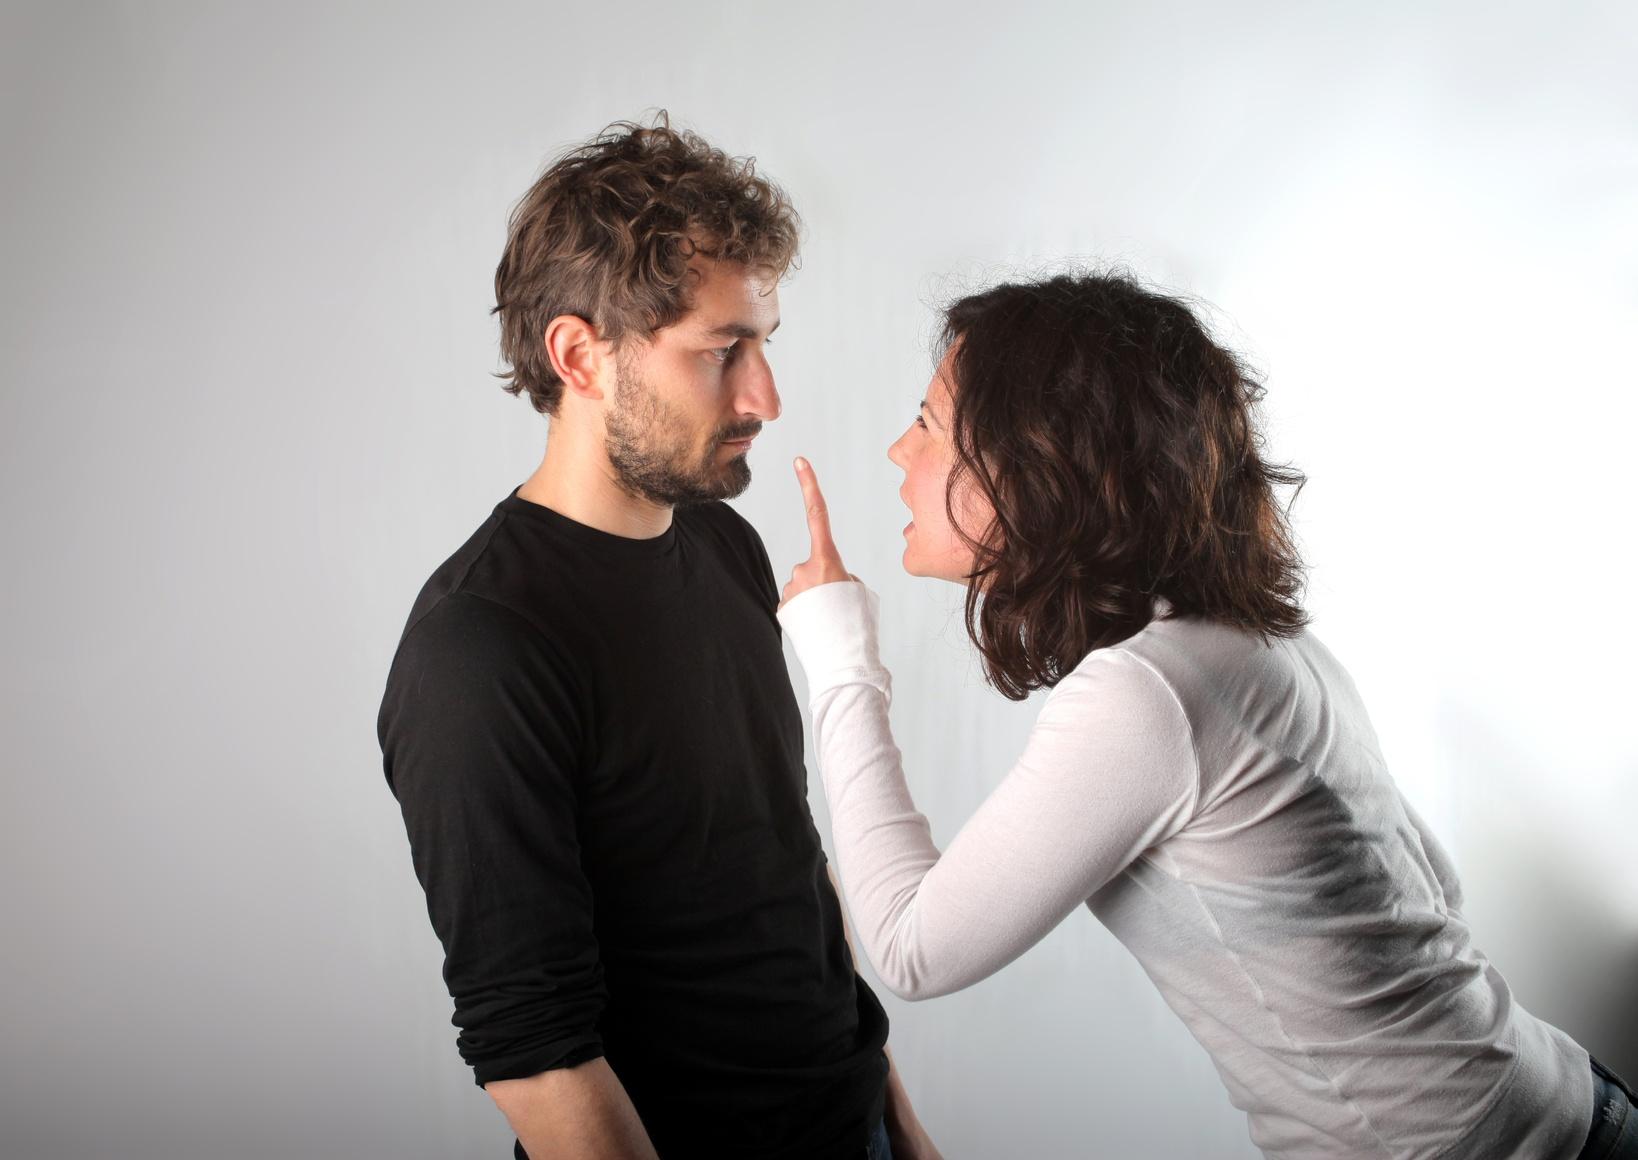 Эрогенные зоны у мужчин: есть ли они и где находятся